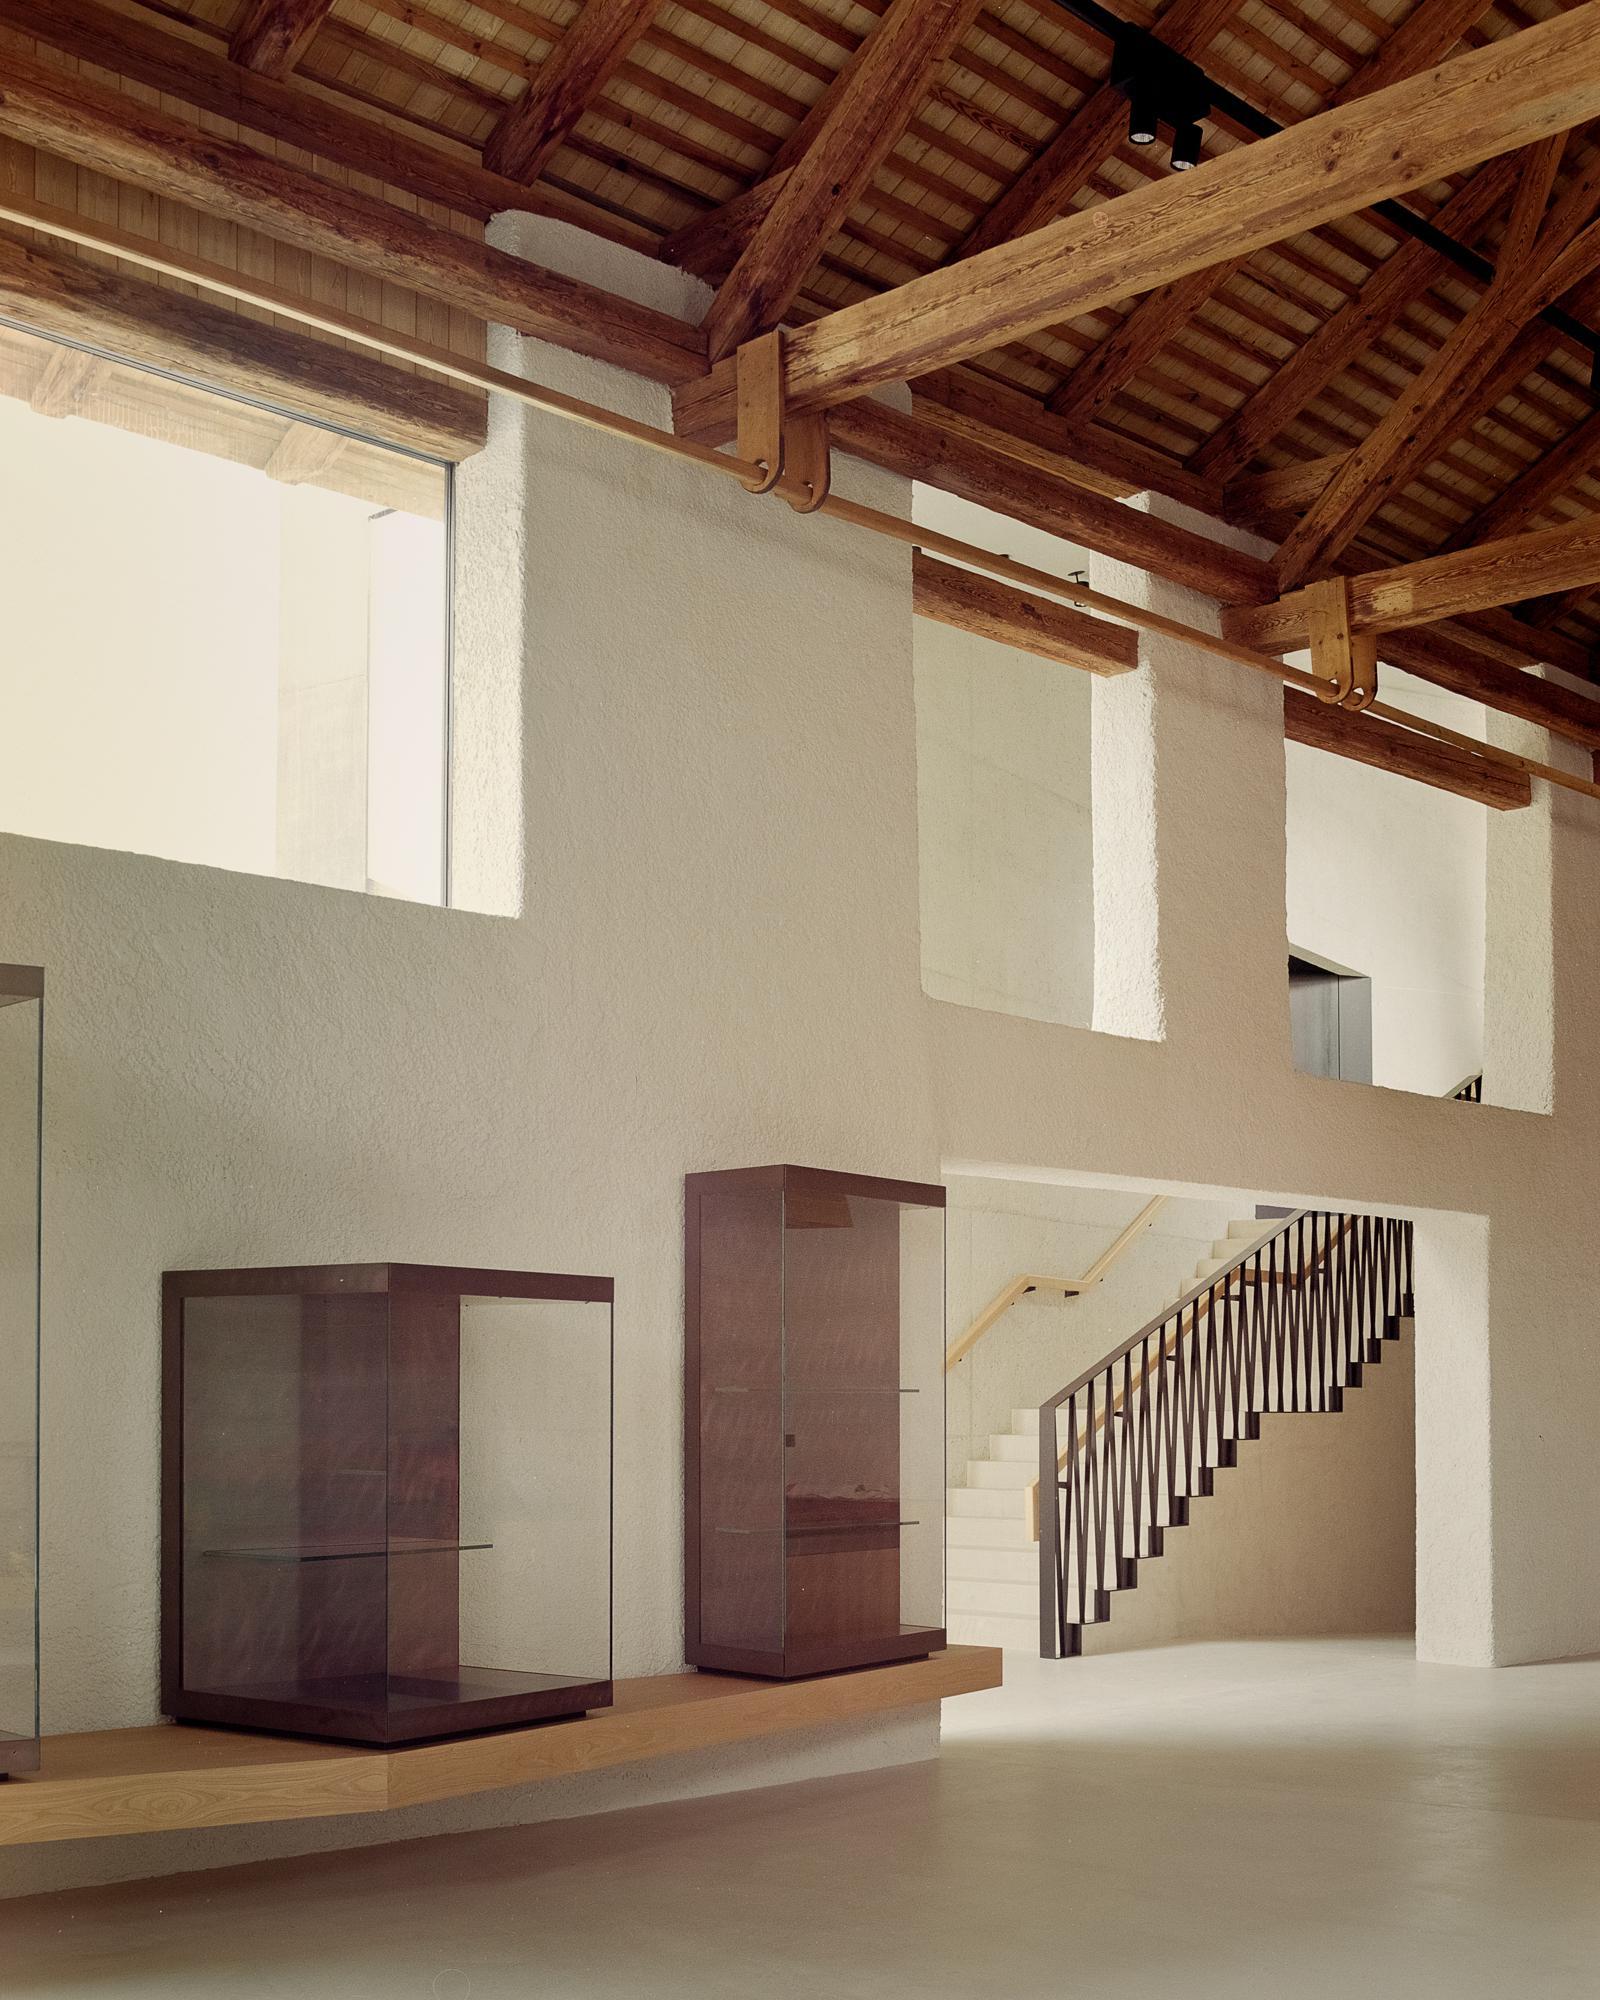 10_Novacella Abbey Museum Addition_MoDusArchitects ©Simone Bossi